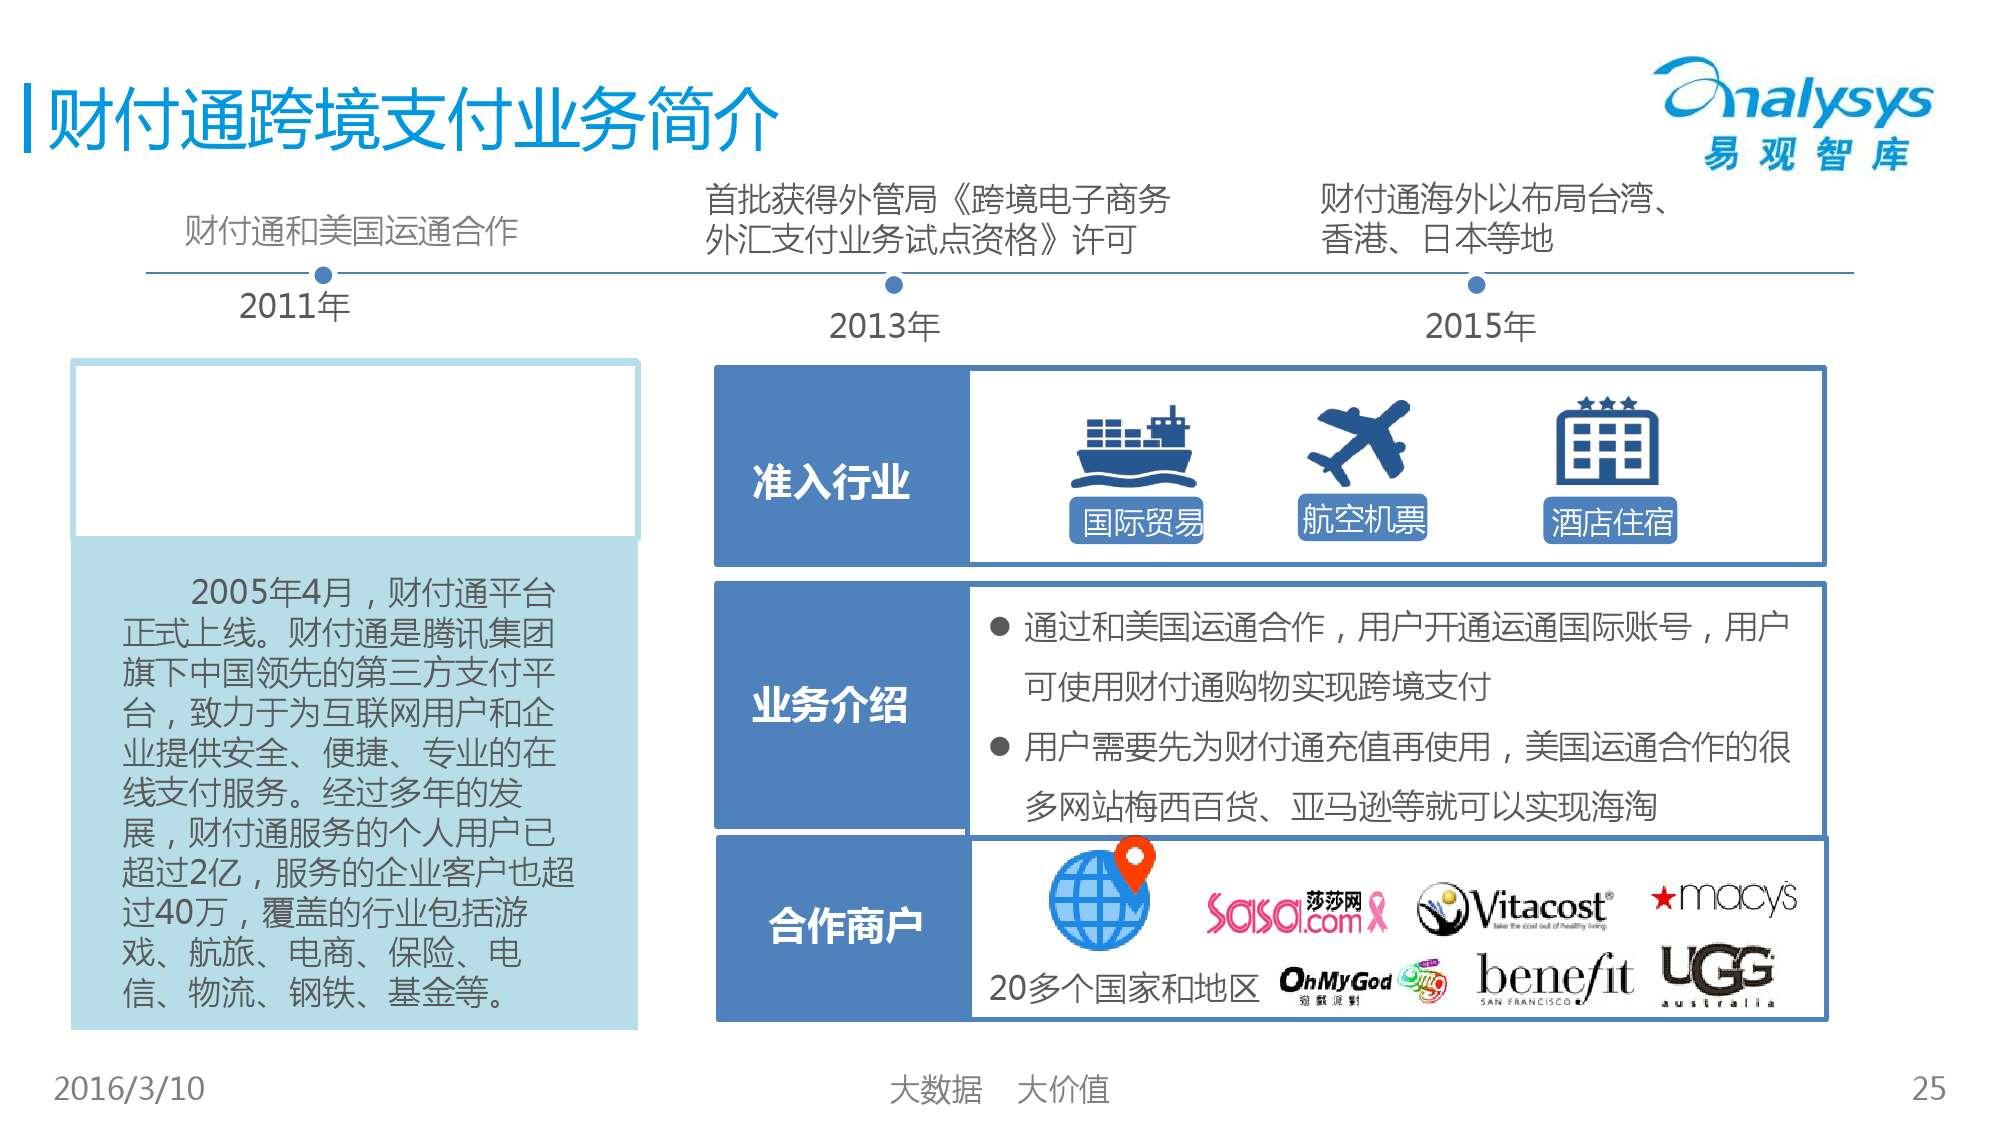 中国跨境支付市场专题研究报告2016_000025